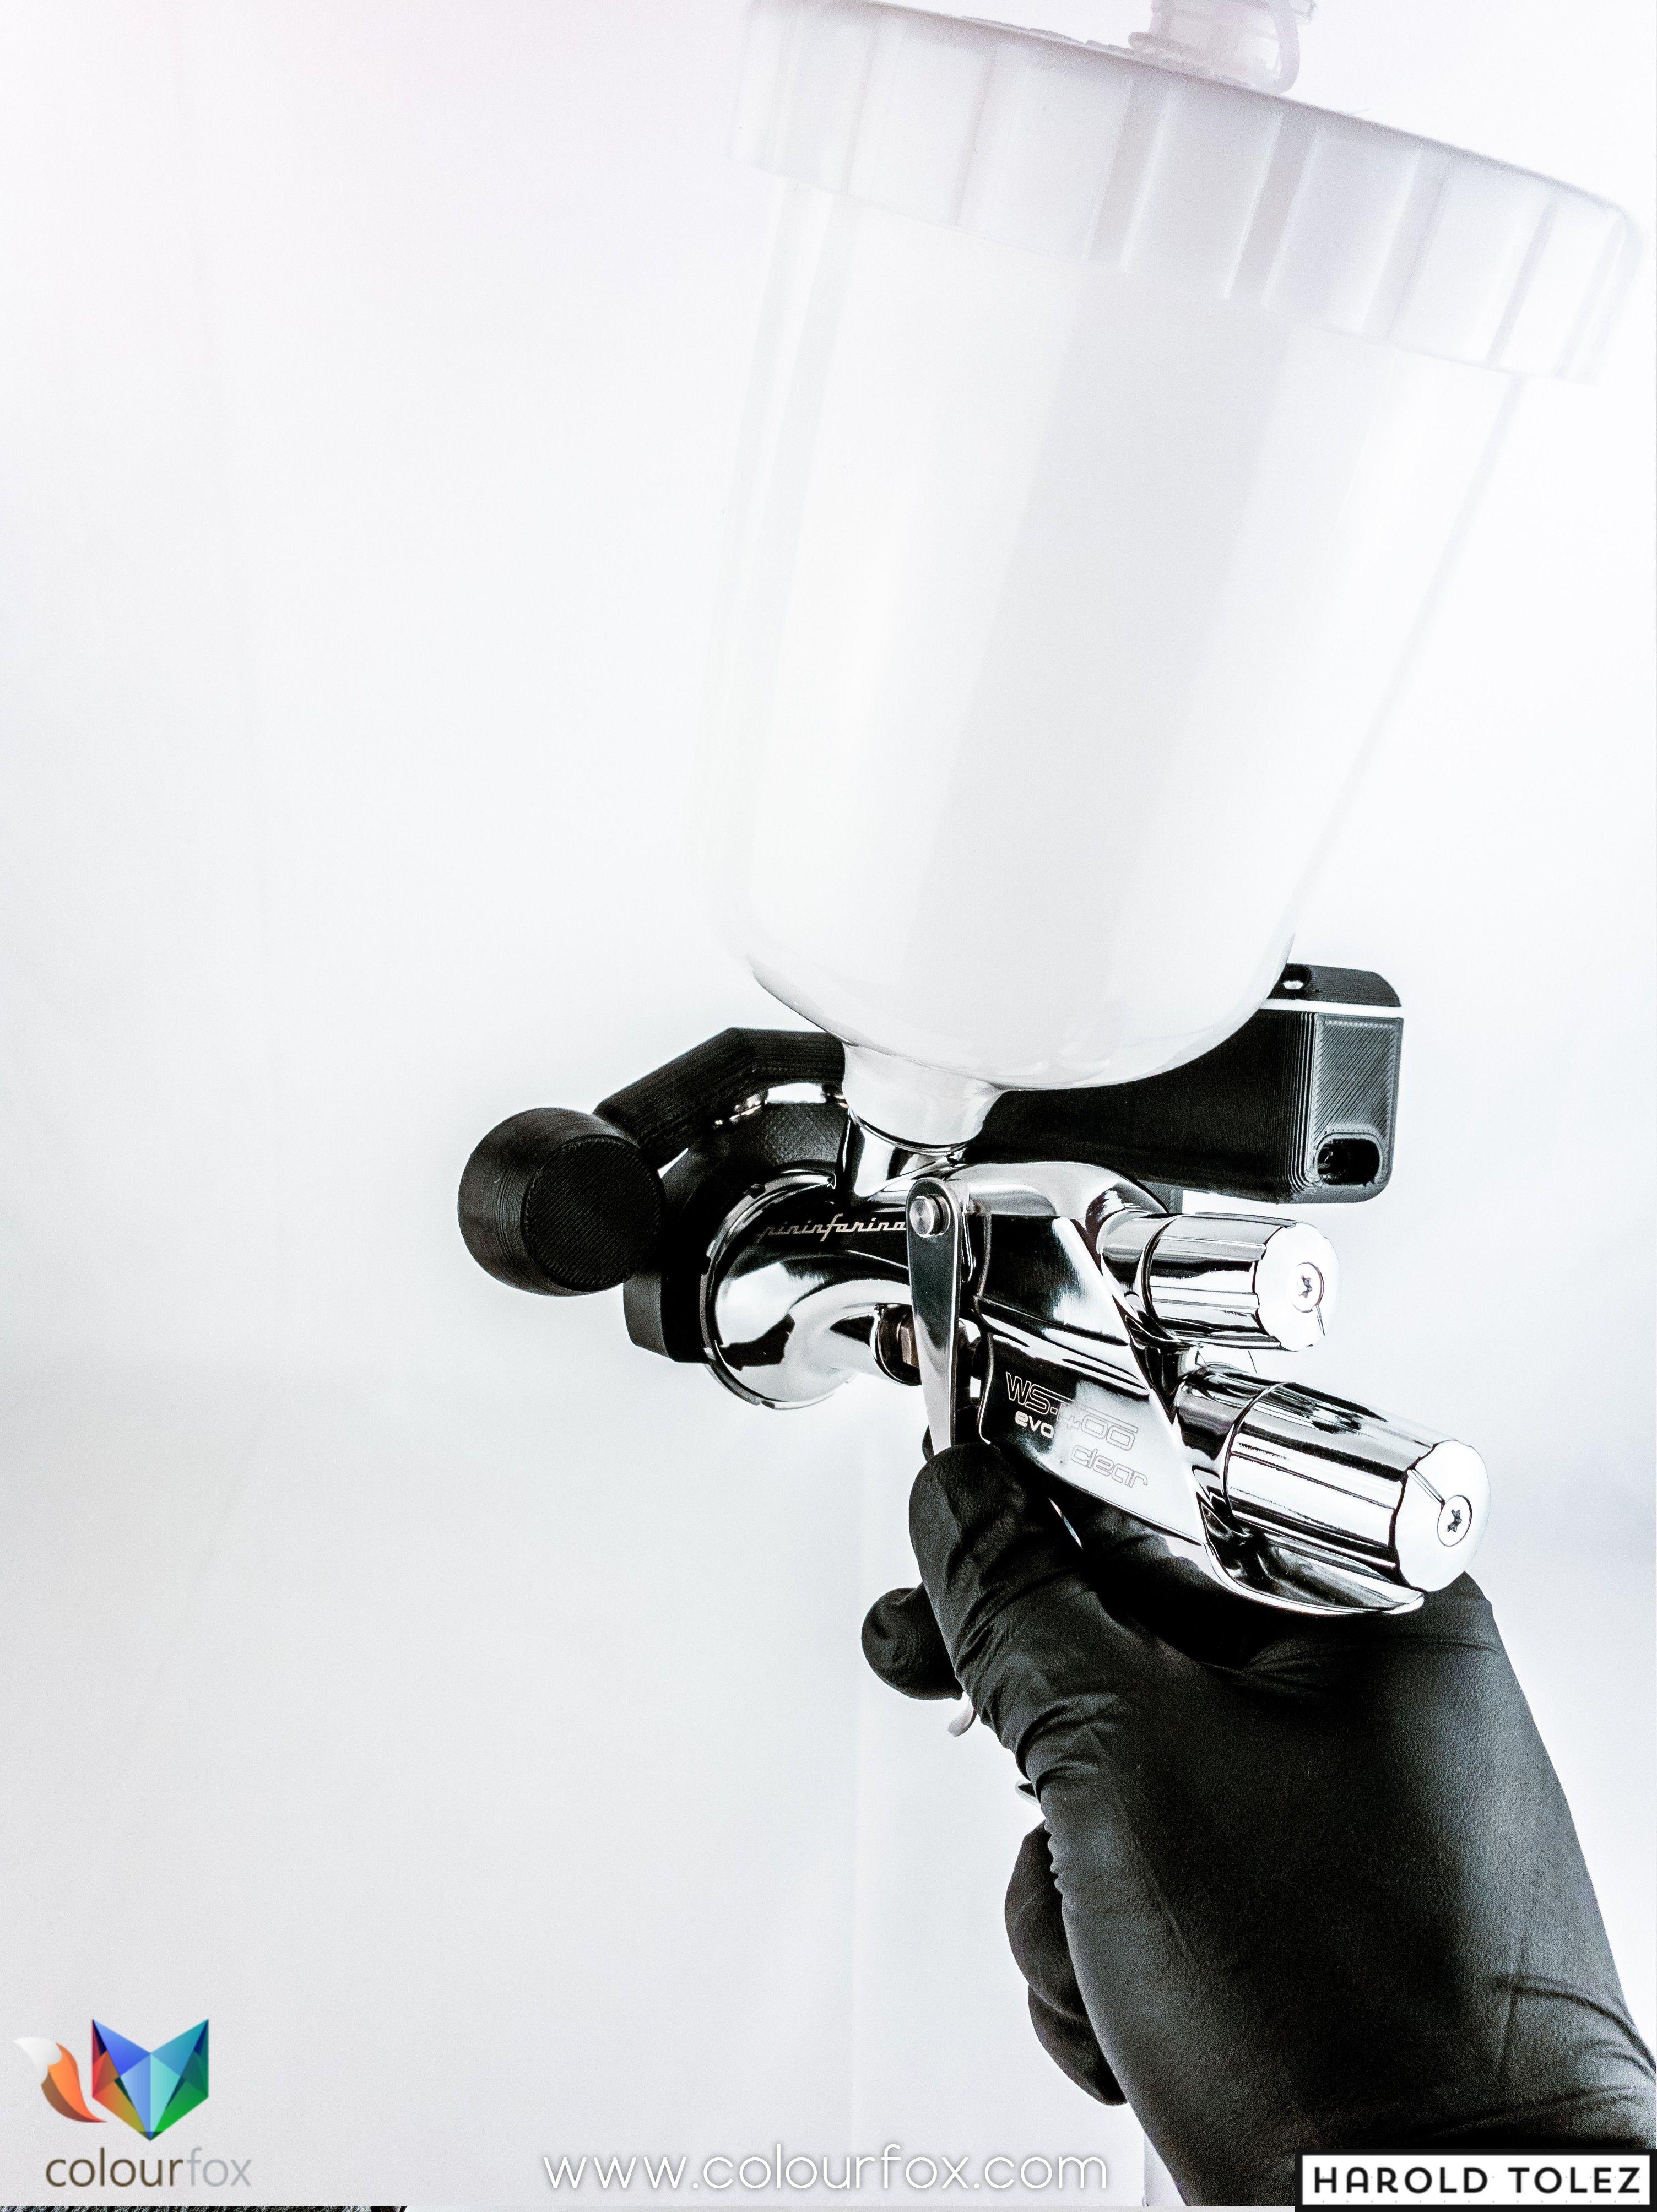 EyesLed colocado en una Pistola de pintado Anest Iwata como Luma III en Colourfox Paints